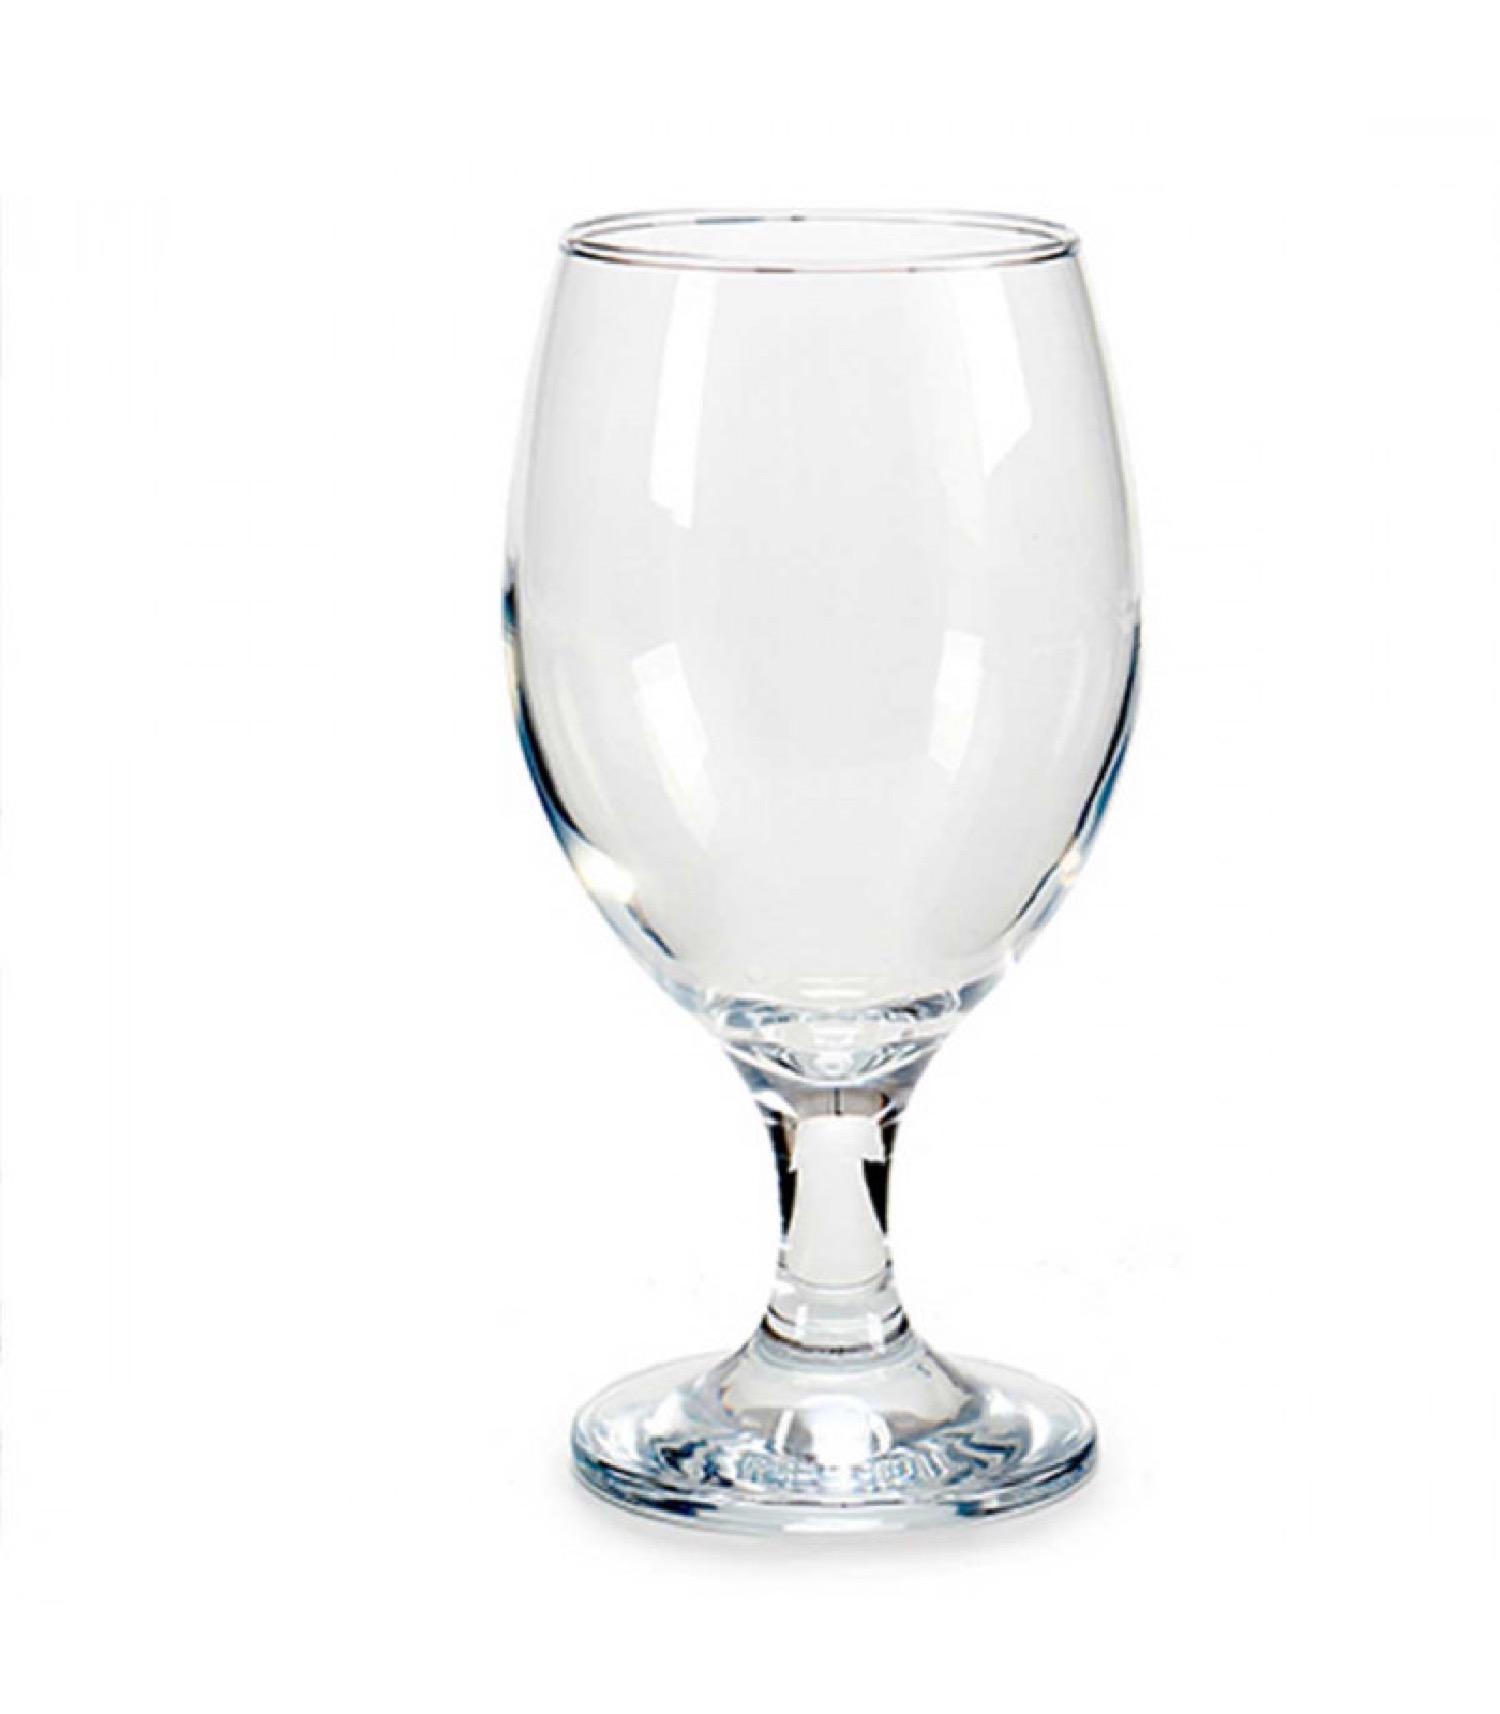 Verres à bière en verre type bistrot 400ml - Lot de 6